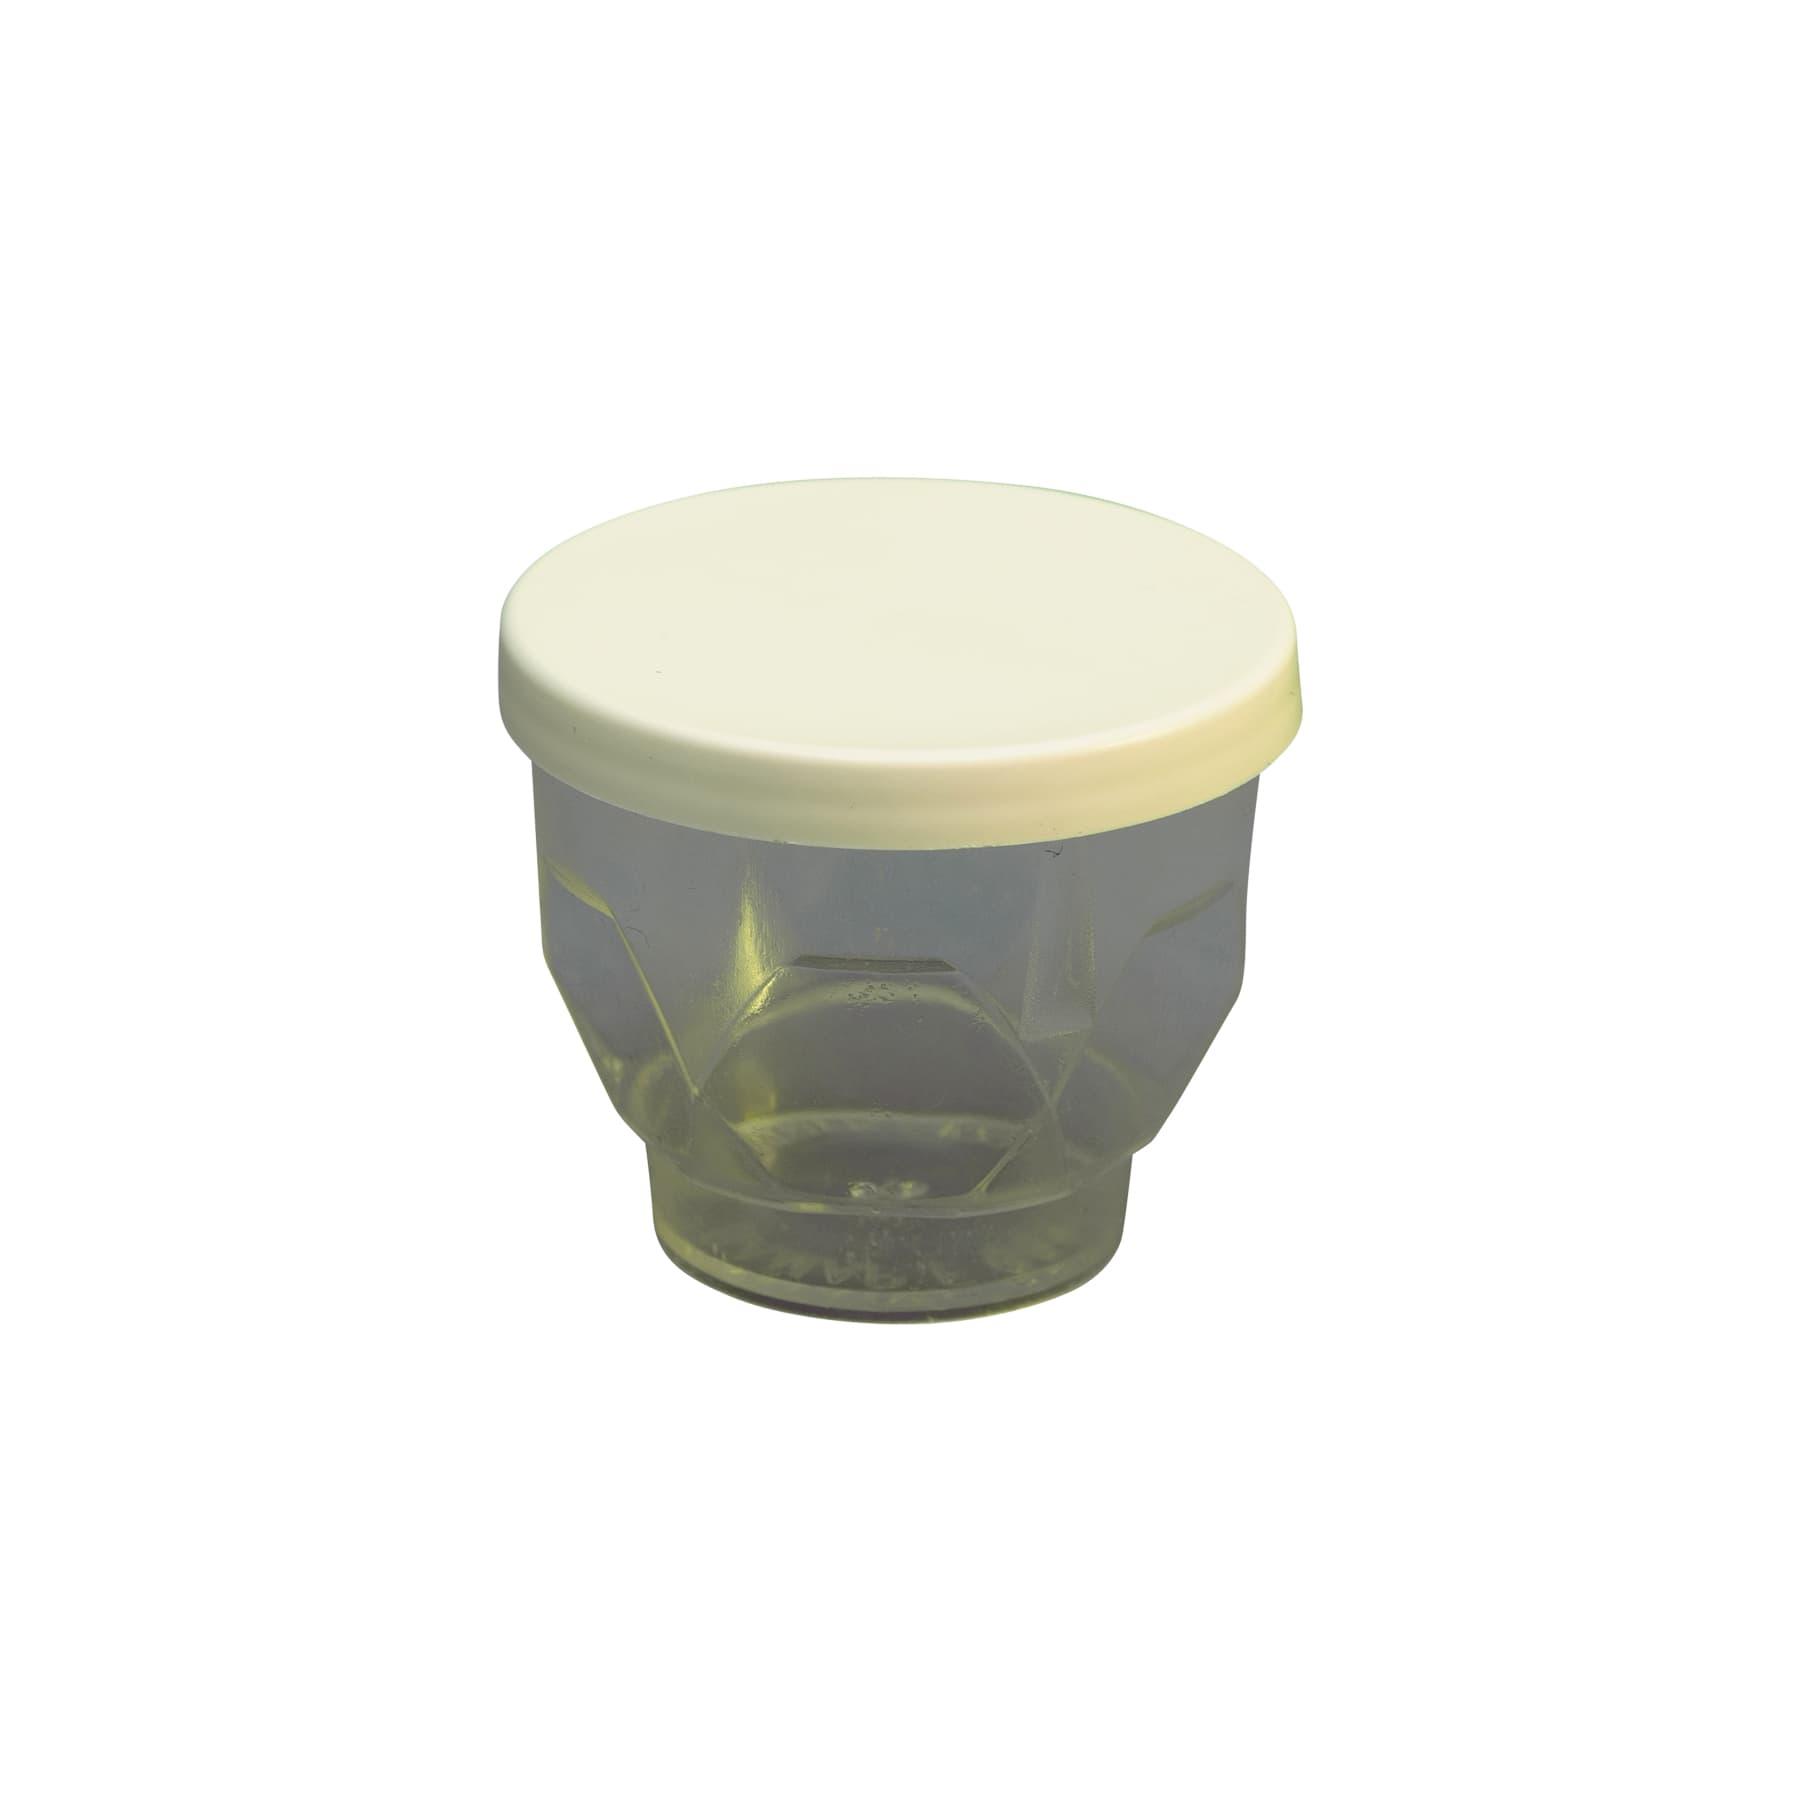 Probierbecher klar, eckig mit weißem Deckel ca. f. ca. 30 g Honi